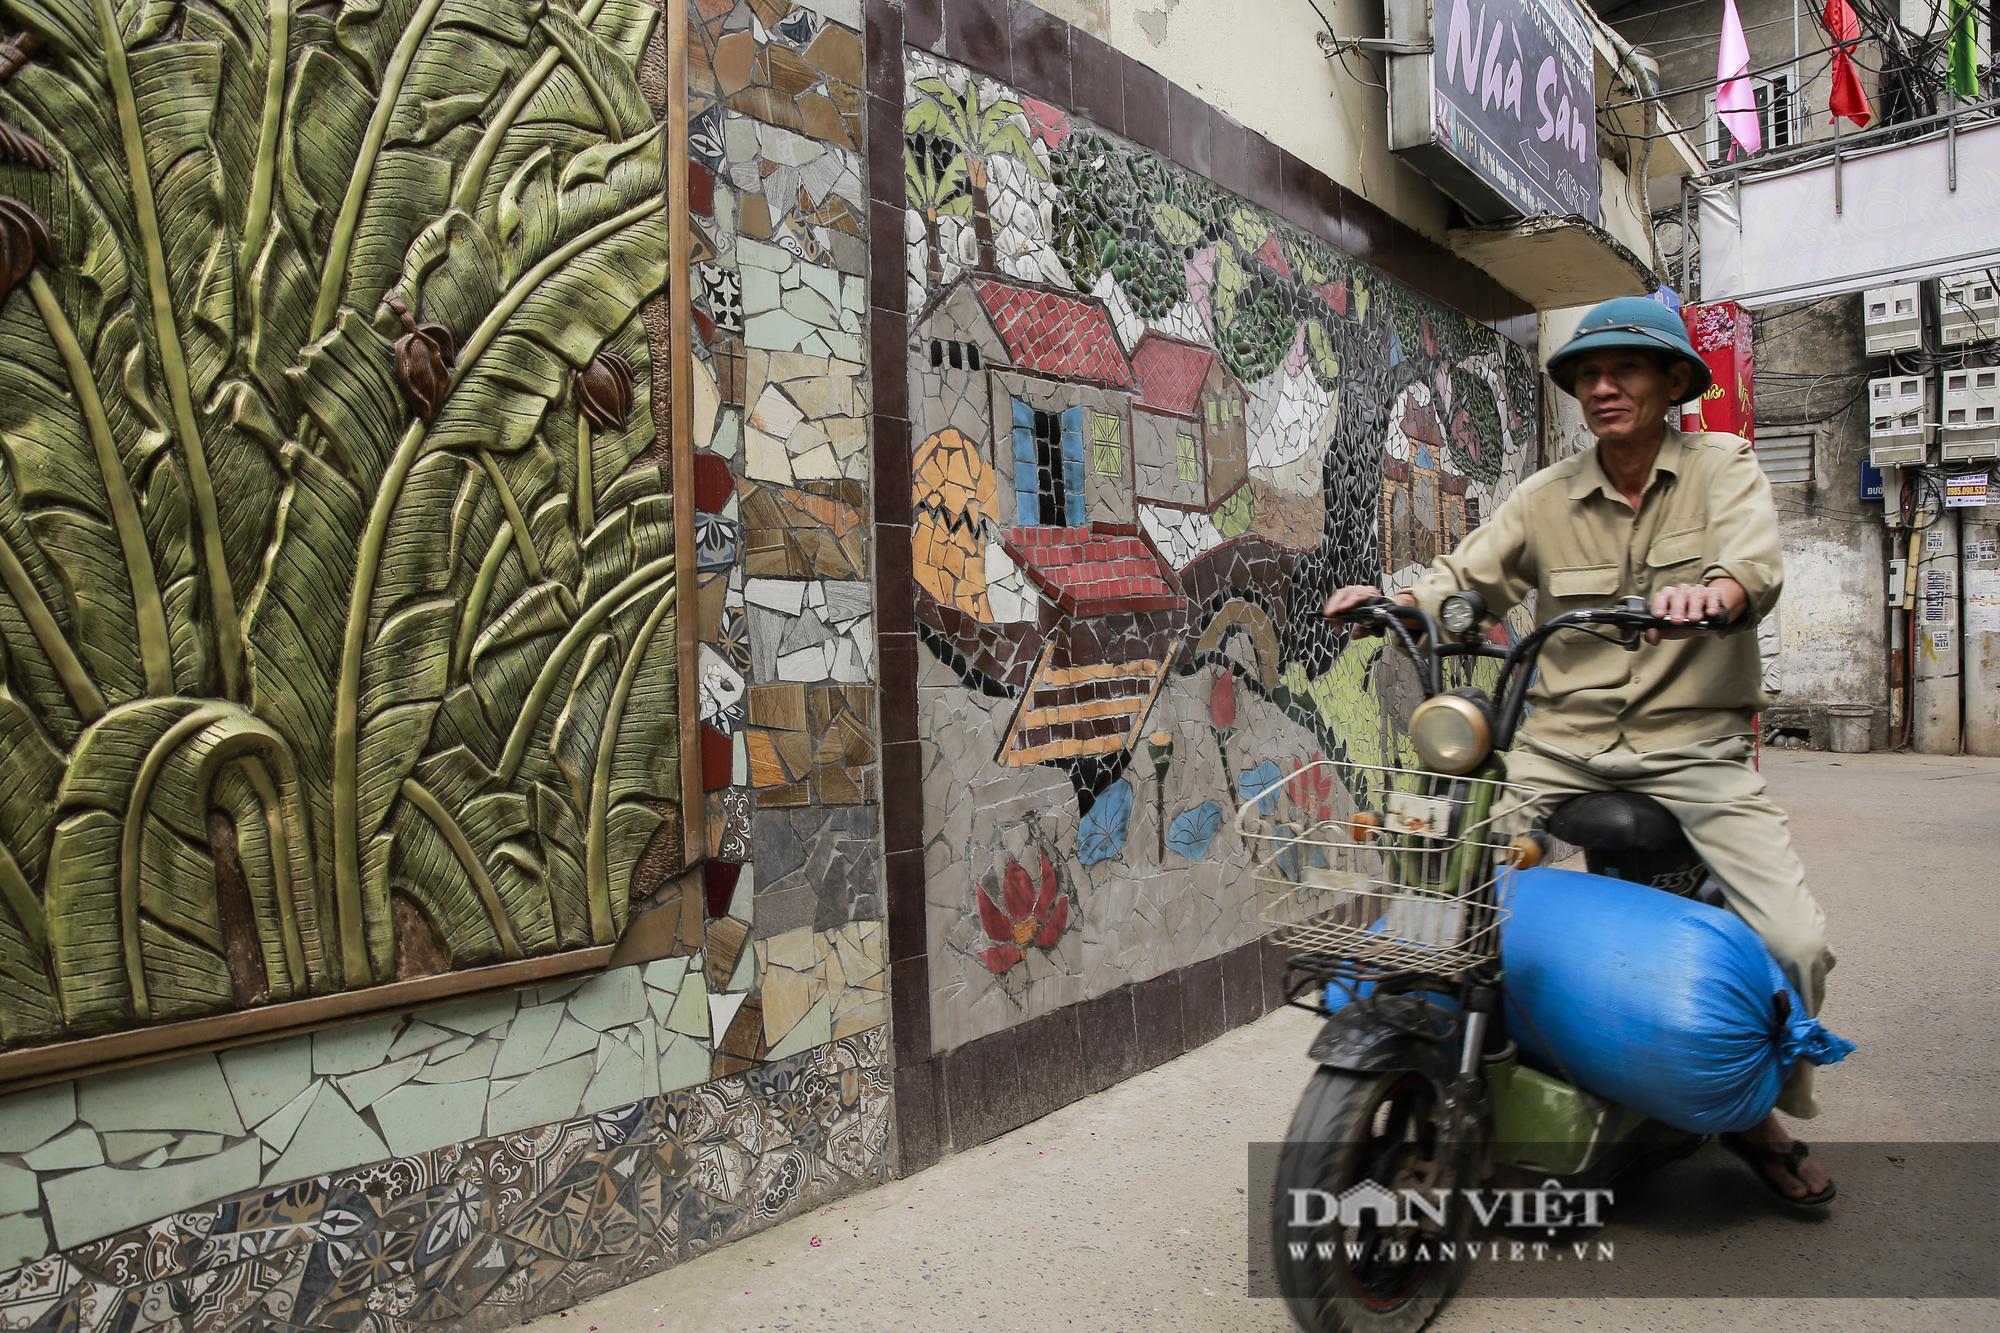 """Đường làng """"thay áo mới"""" bằng những tác phẩm nghệ thuật làm từ đồ phế thải  - Ảnh 6."""